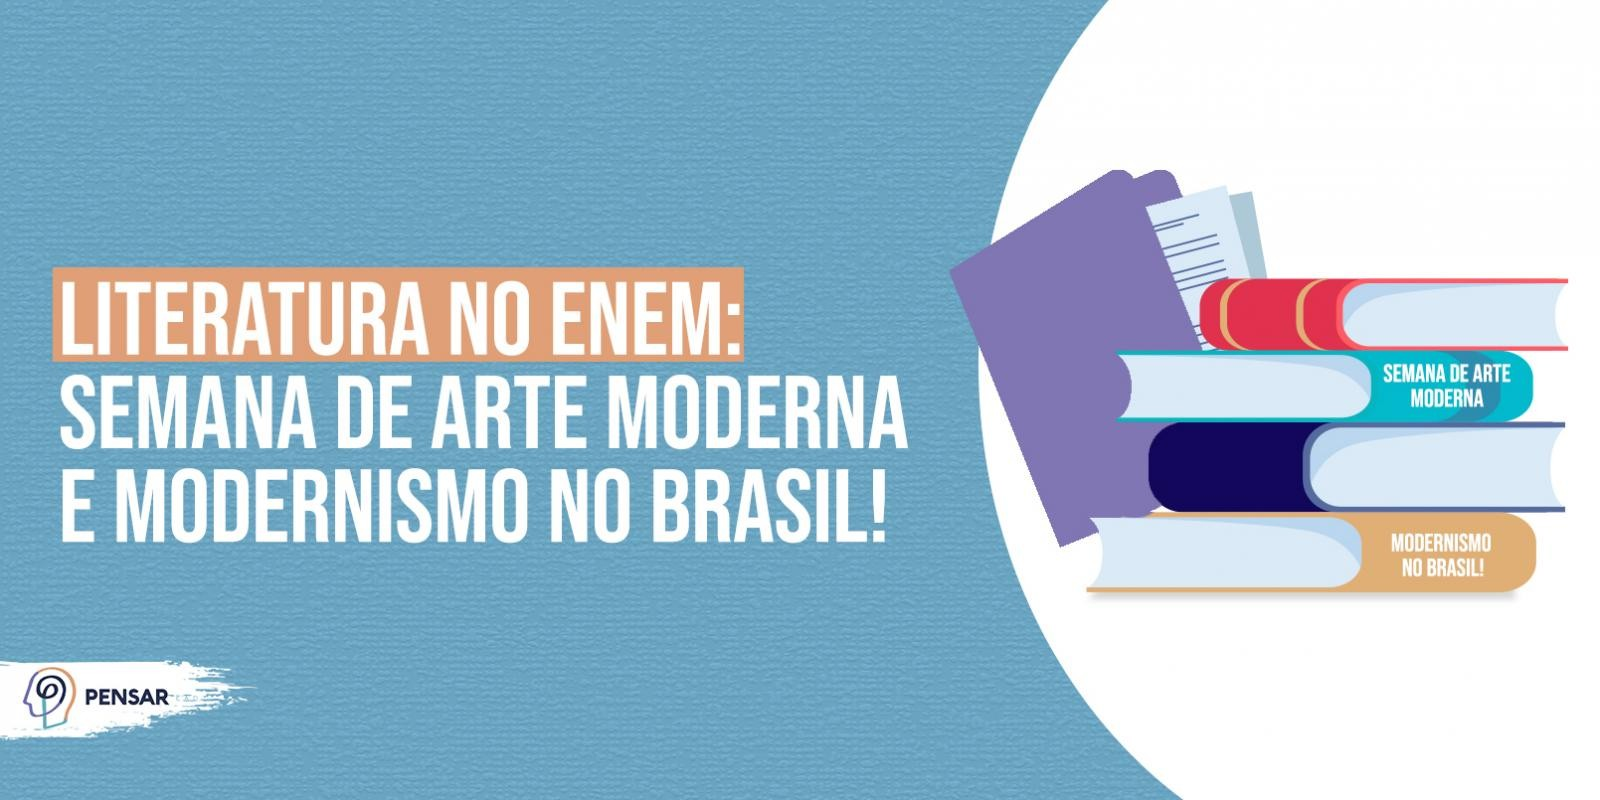 Literatura no ENEM: Semana de Arte Moderna e Modernismo no Brasil!